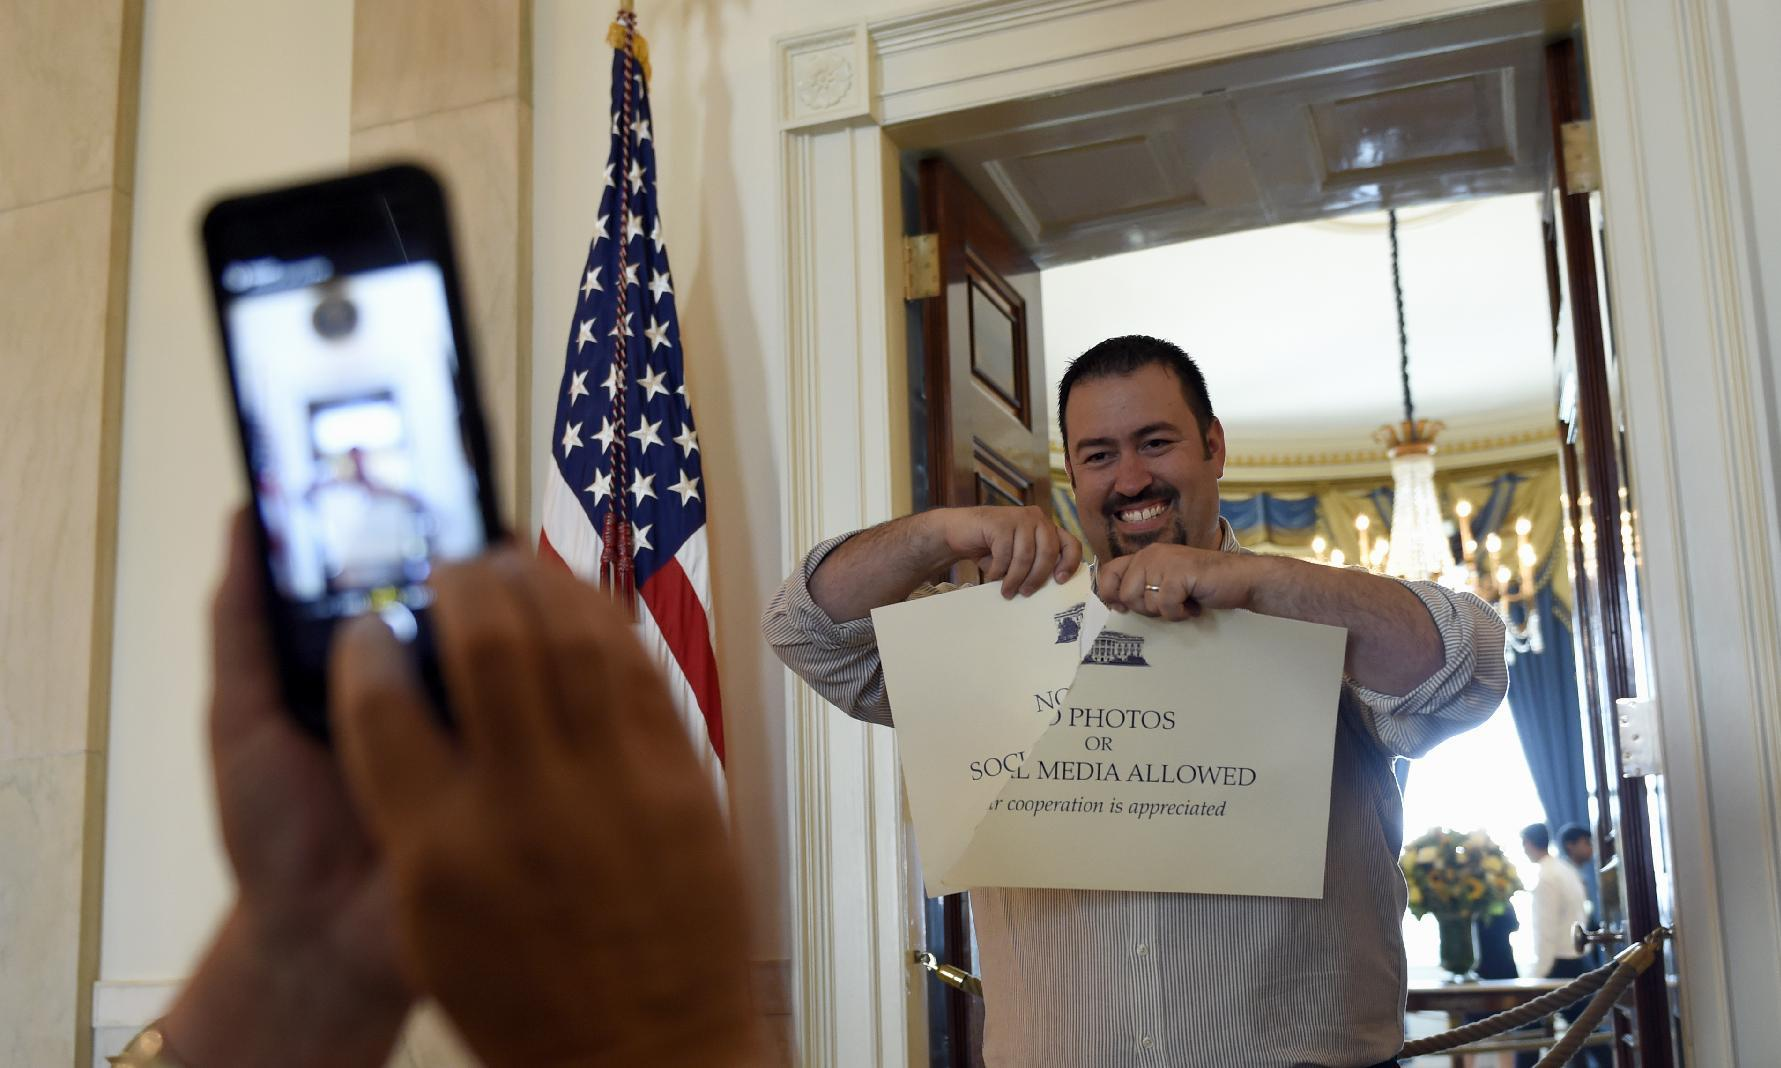 Photos, social media now allowed on White House tours